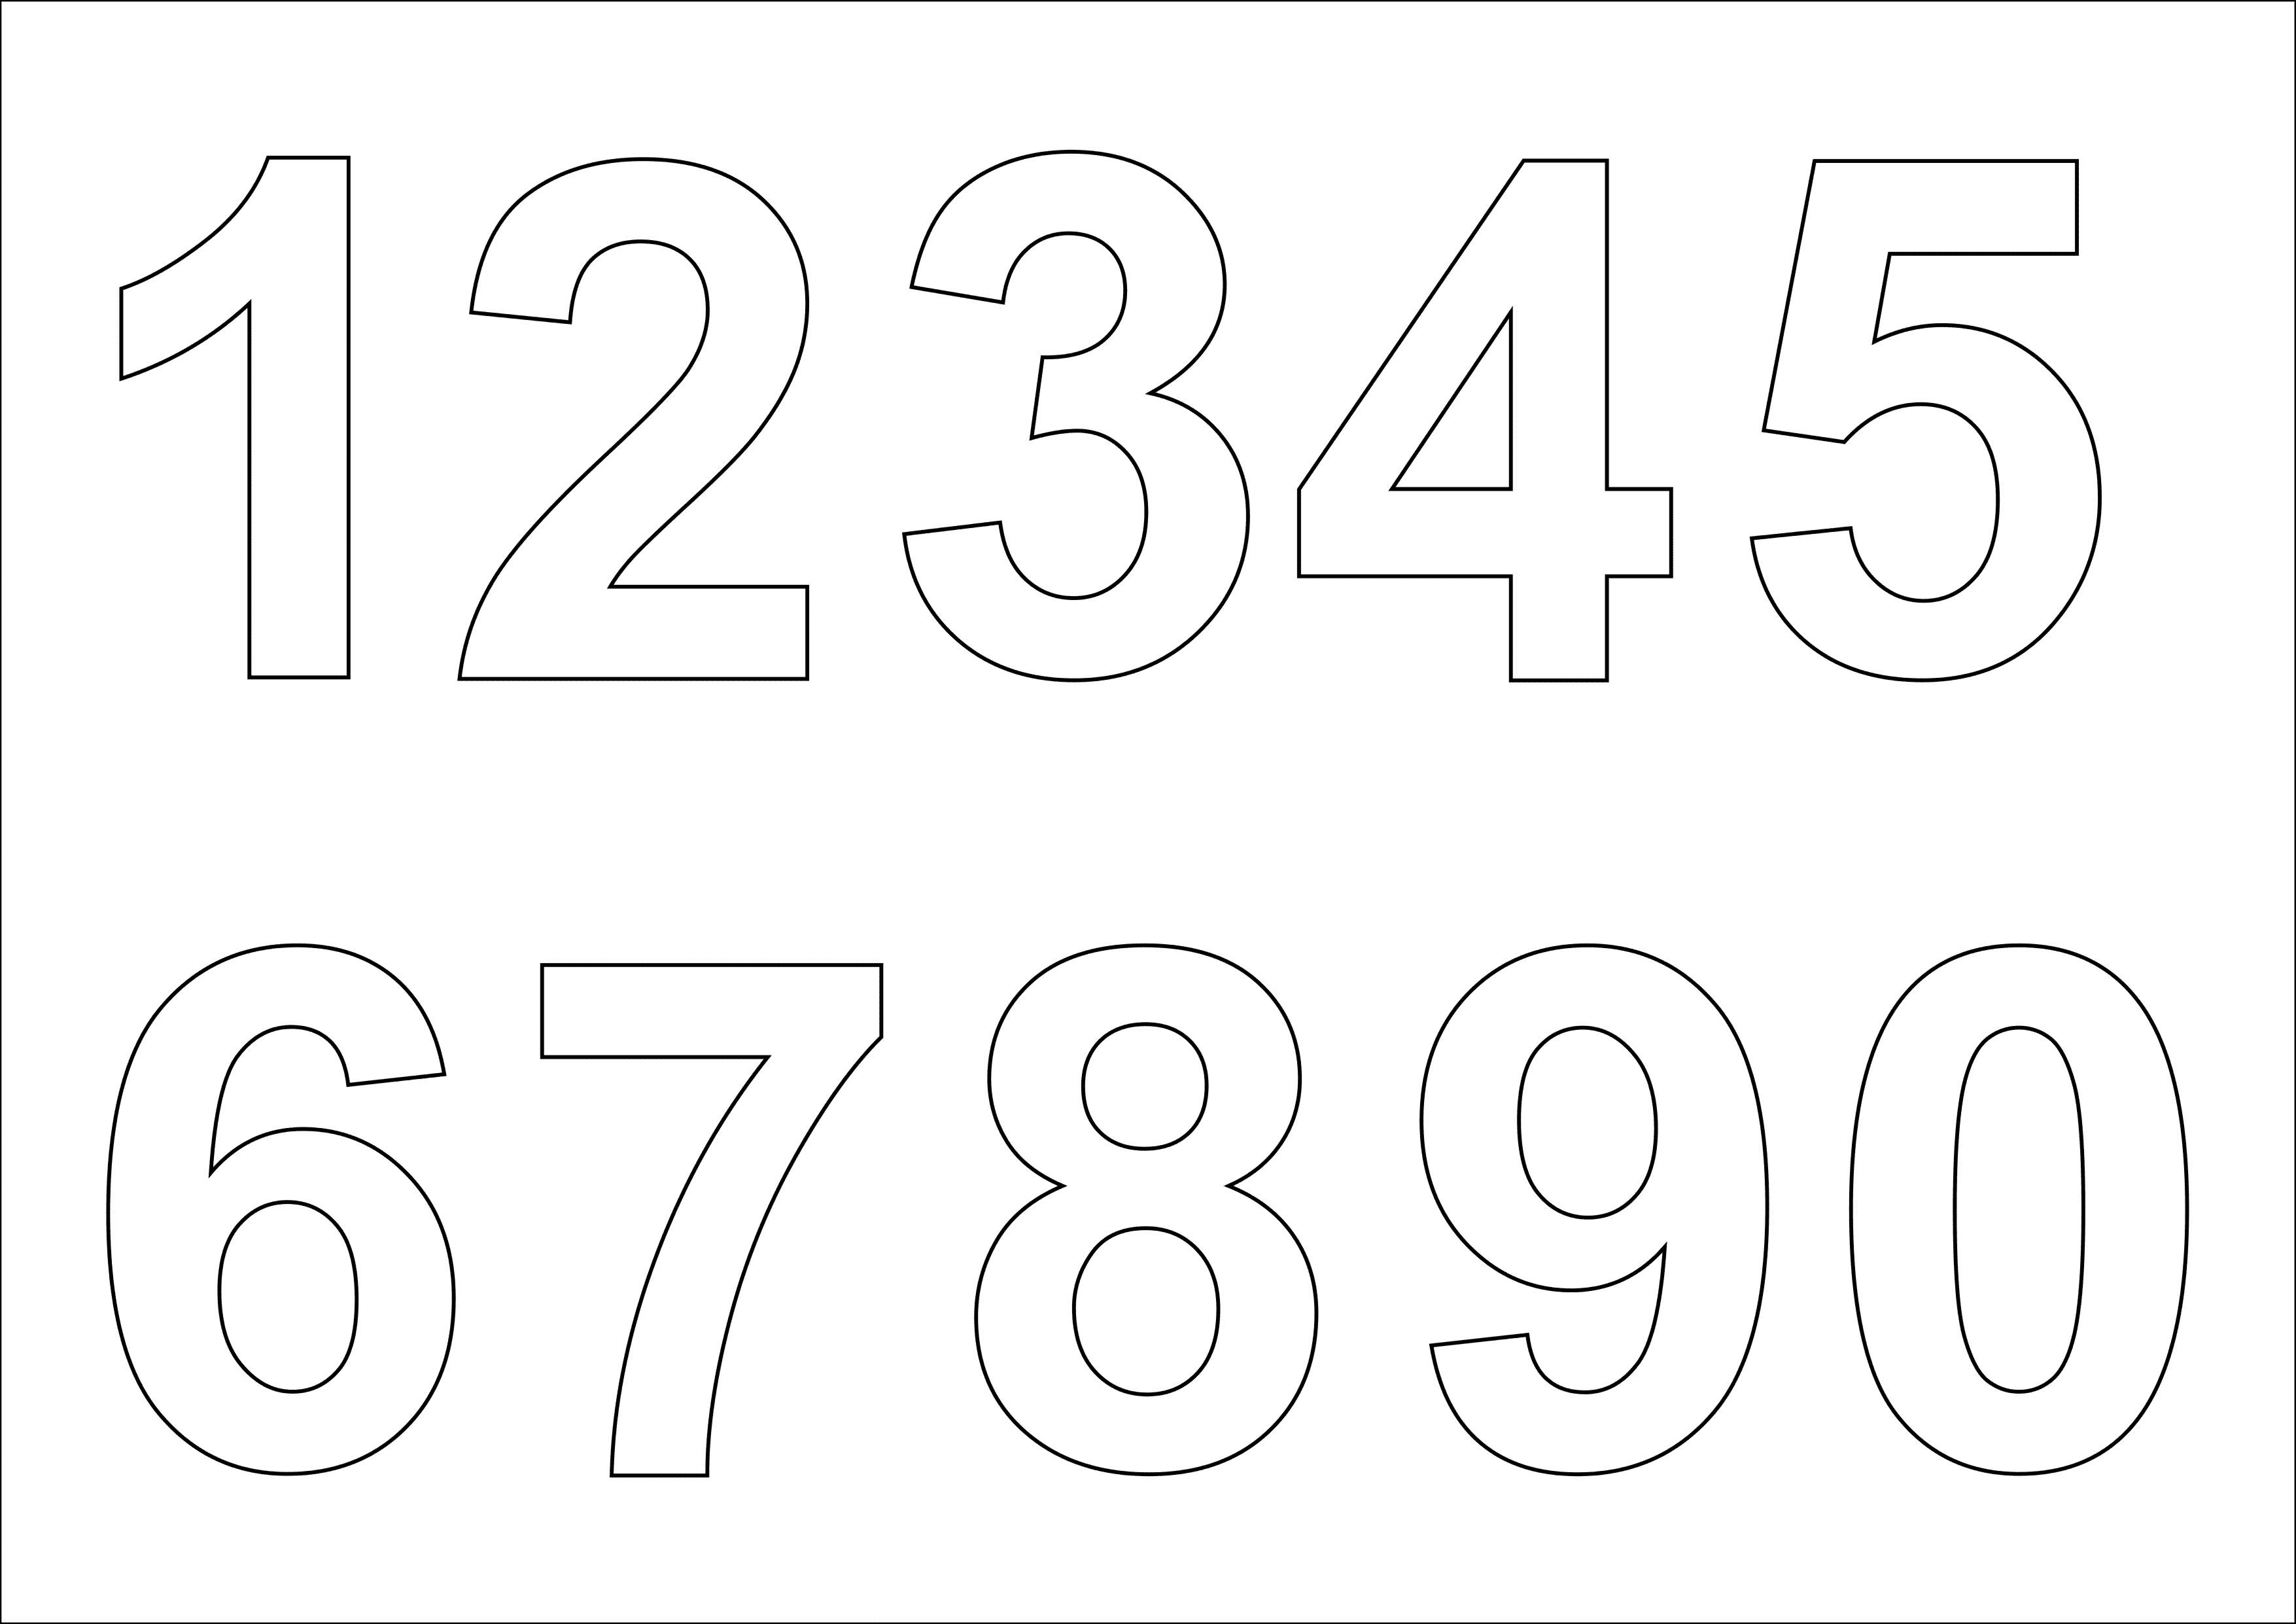 образец трафарета цифр